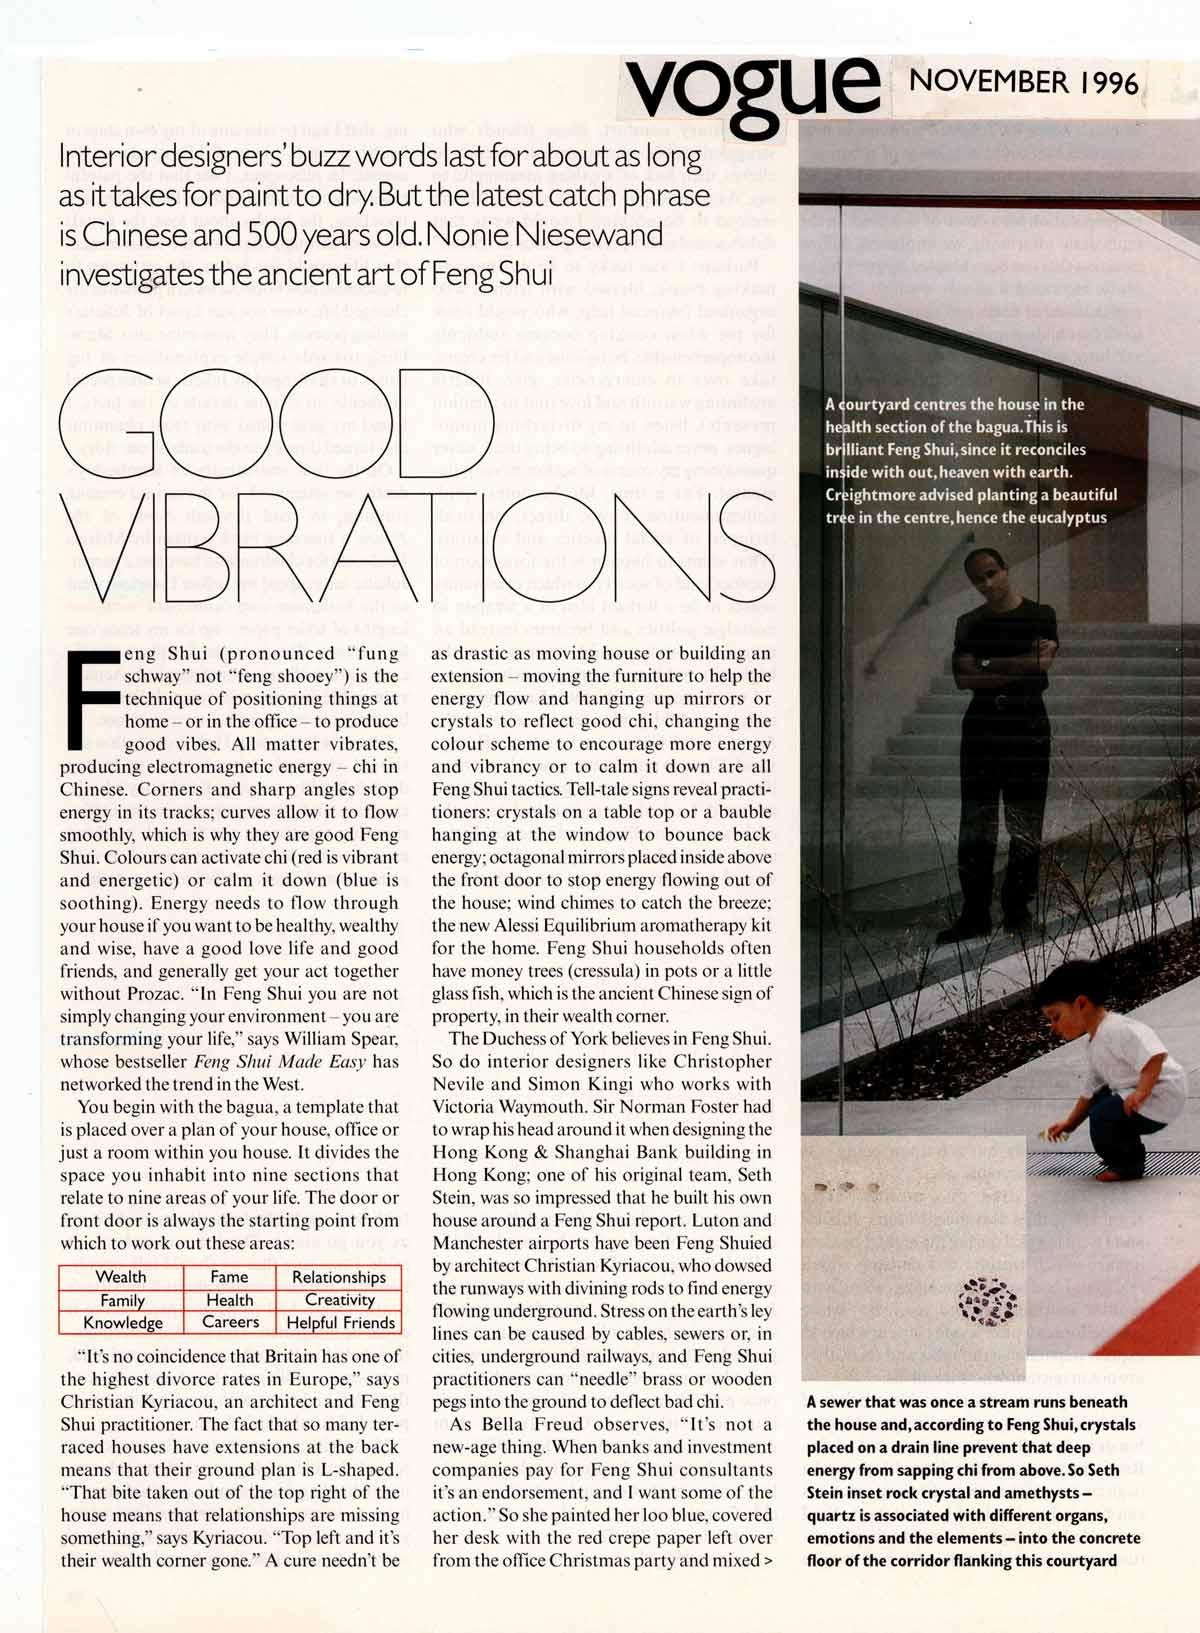 1-Vogue1996.jpg